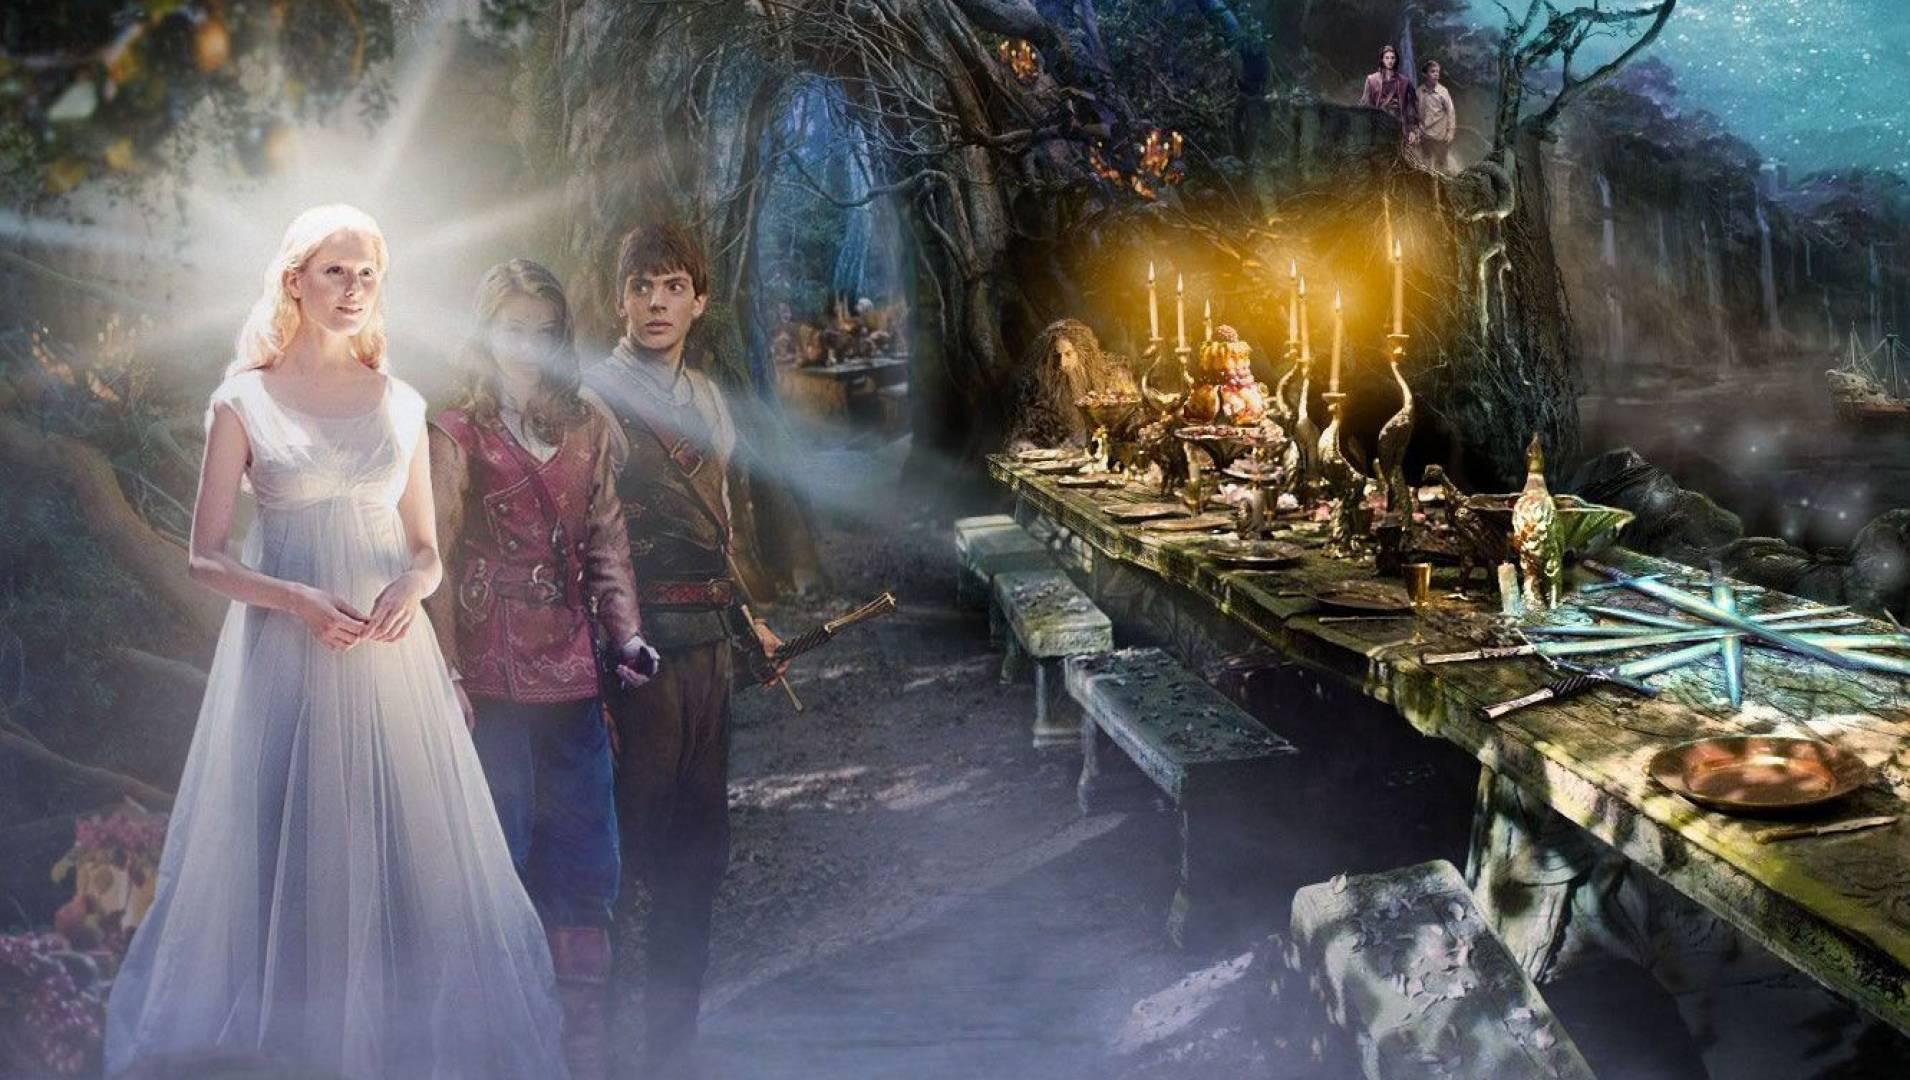 Хроники Нарнии: Покоритель Зари - Фантастика, Приключения, Фильм